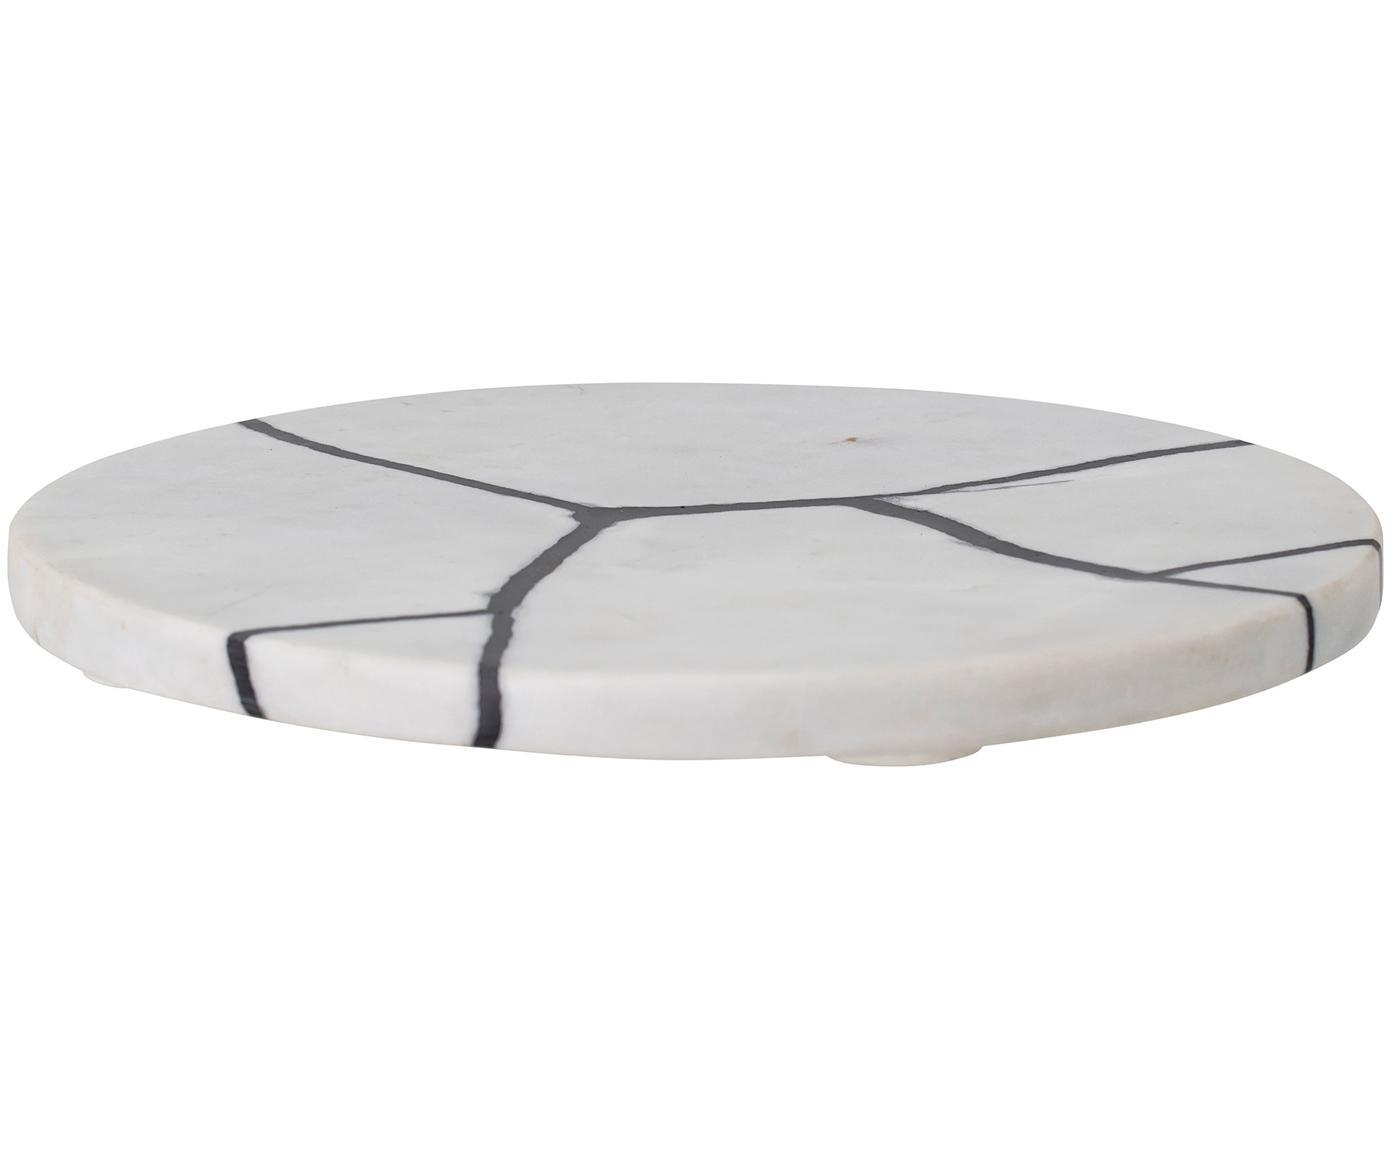 Marmor-Servierplatte Isadora, Marmor, Polyresin, Weiß, marmoriert, Schwarz, Ø 21 cm